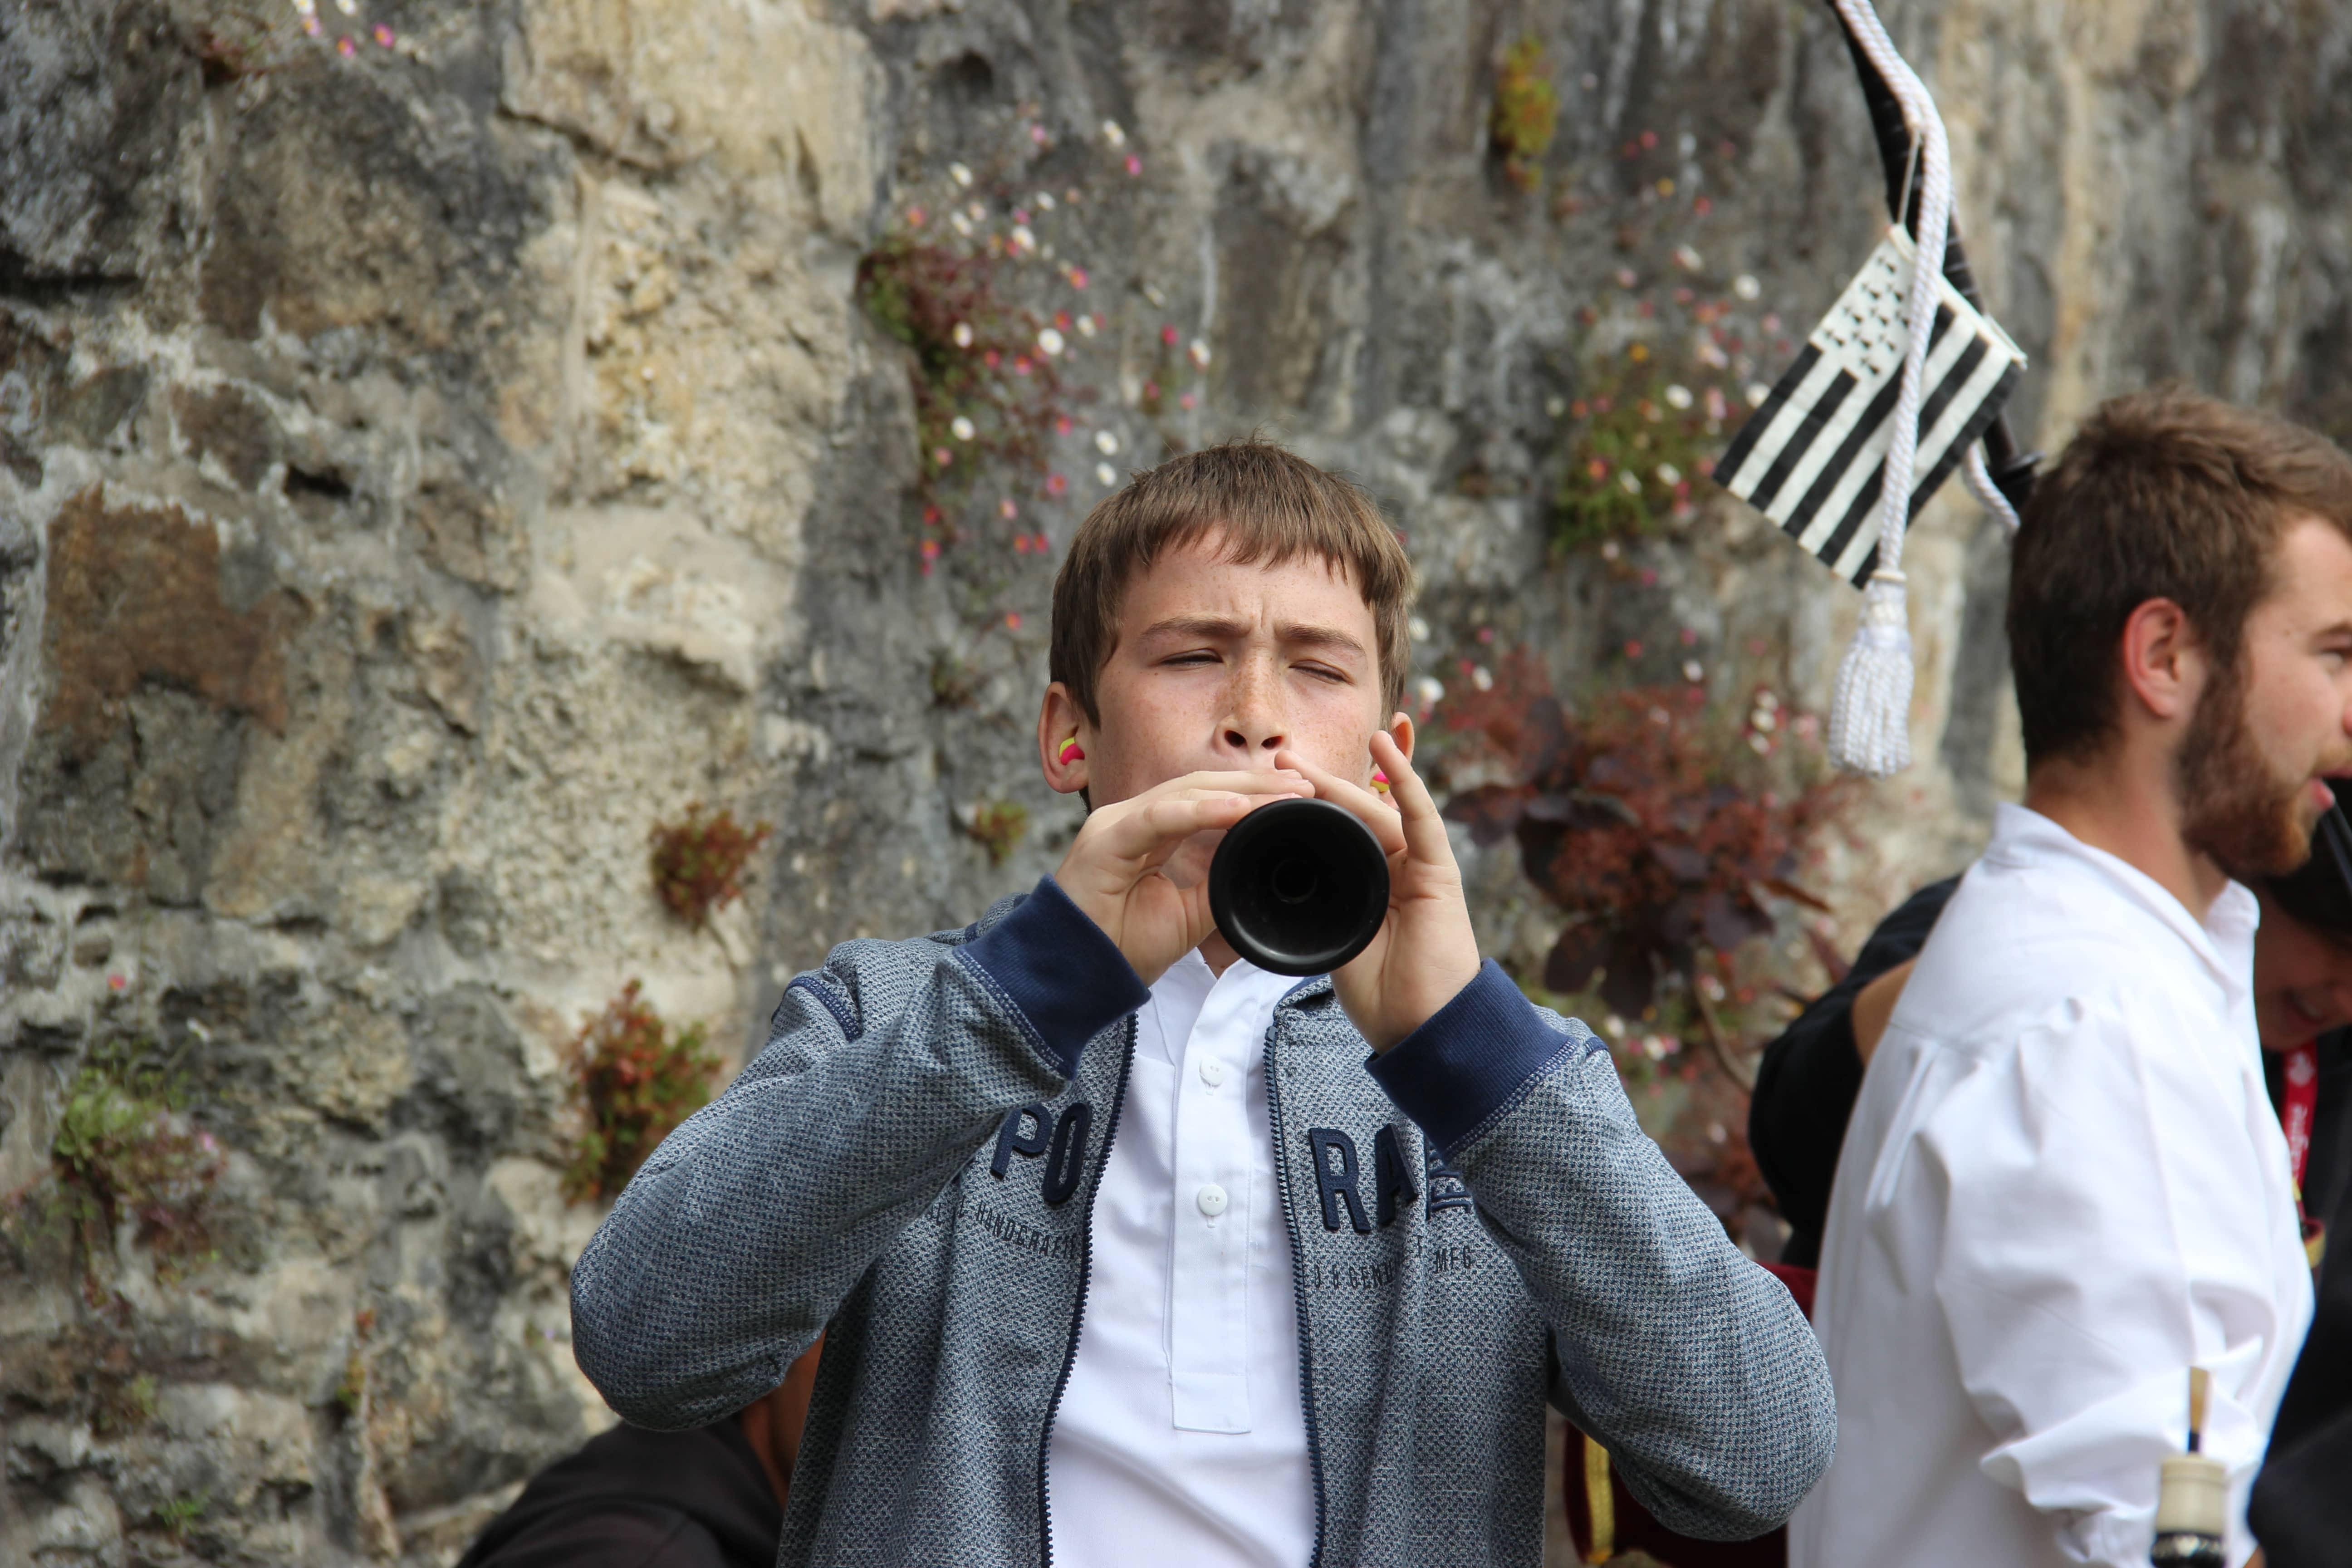 Concours bagadoù 2017 à Quimper